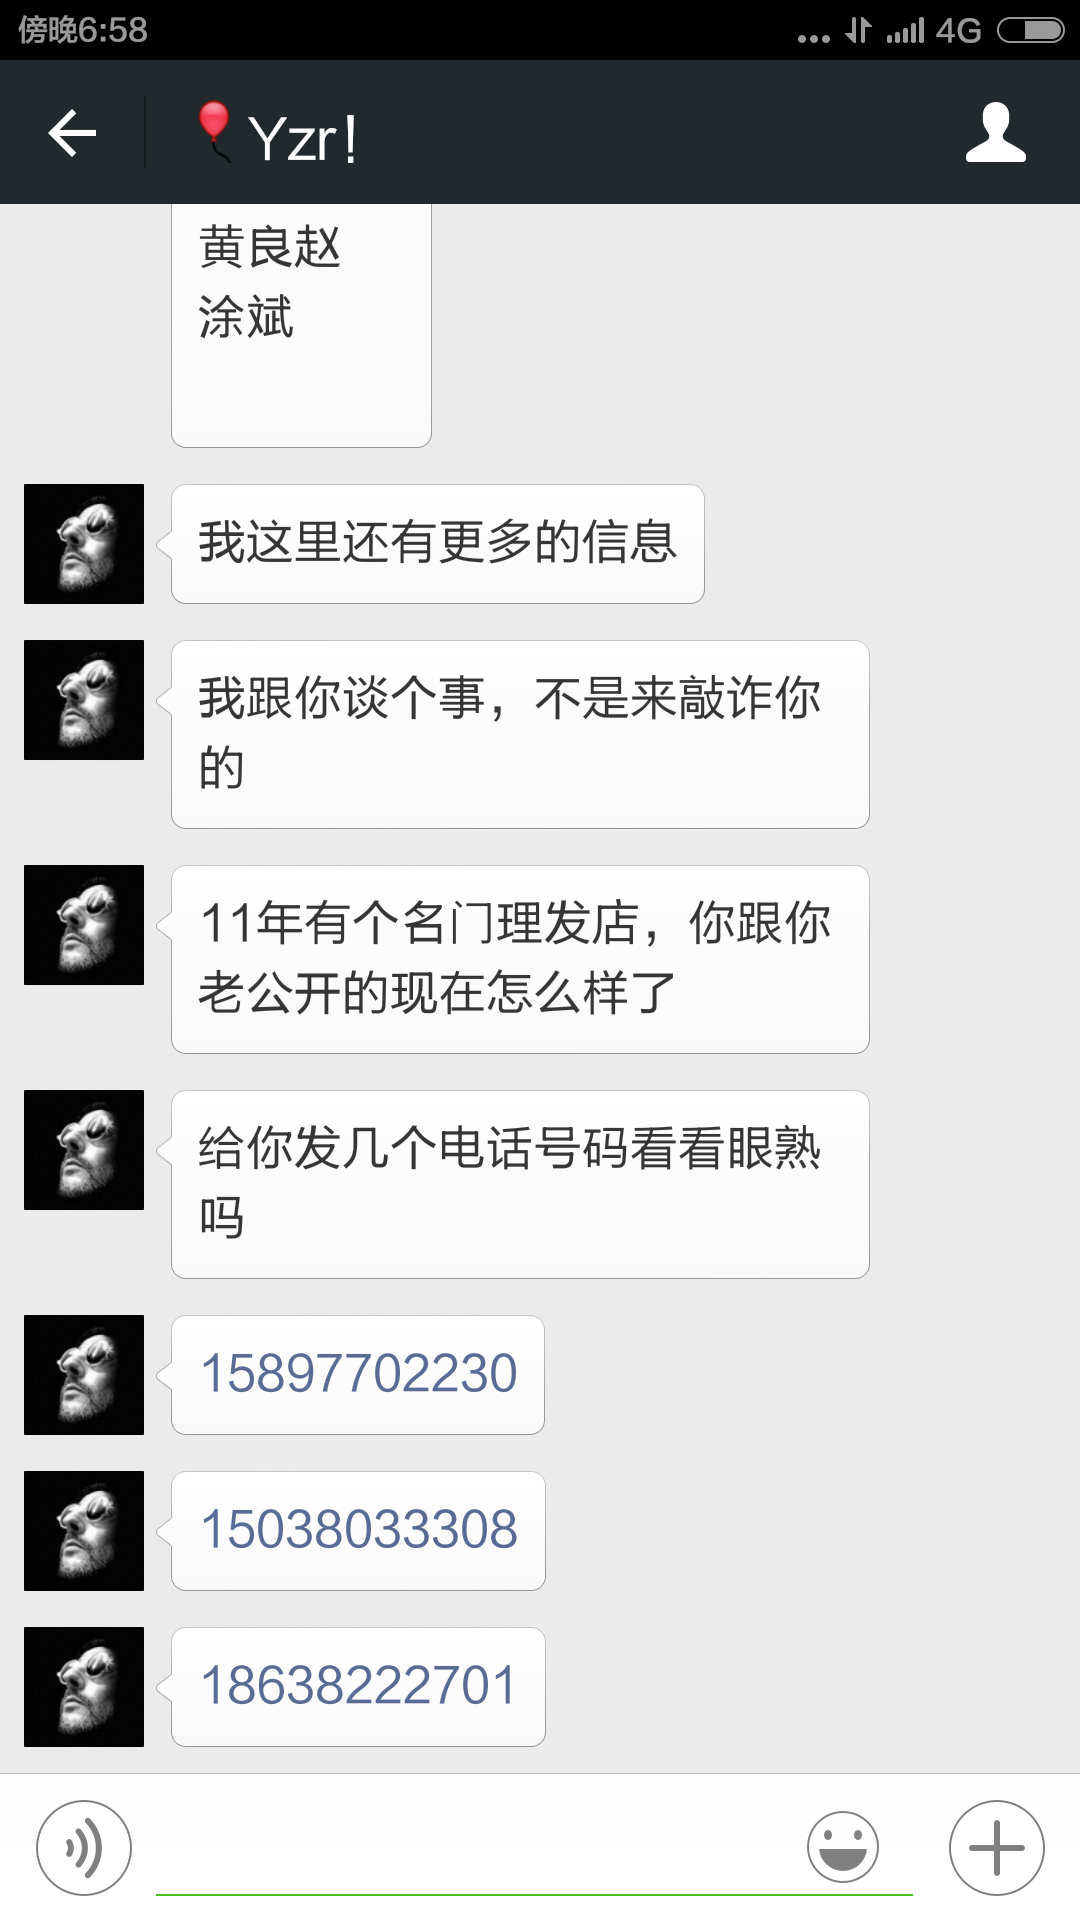 在网上被一个微信号叫yzr0074的人人肉搜索了 威胁我 我该怎么办